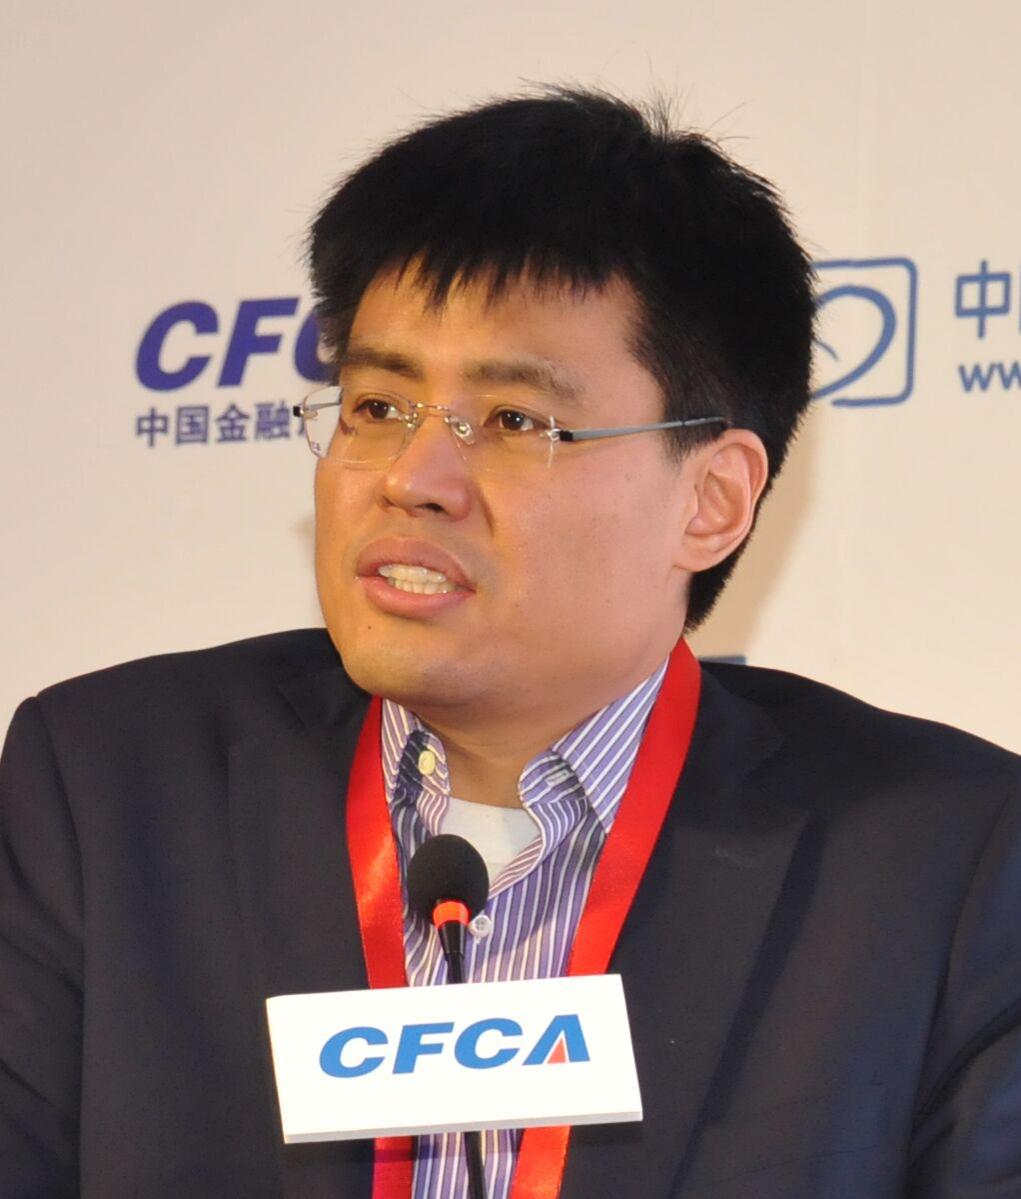 清华教授陈煜波:重视营销是金融业转型升级的重要标志